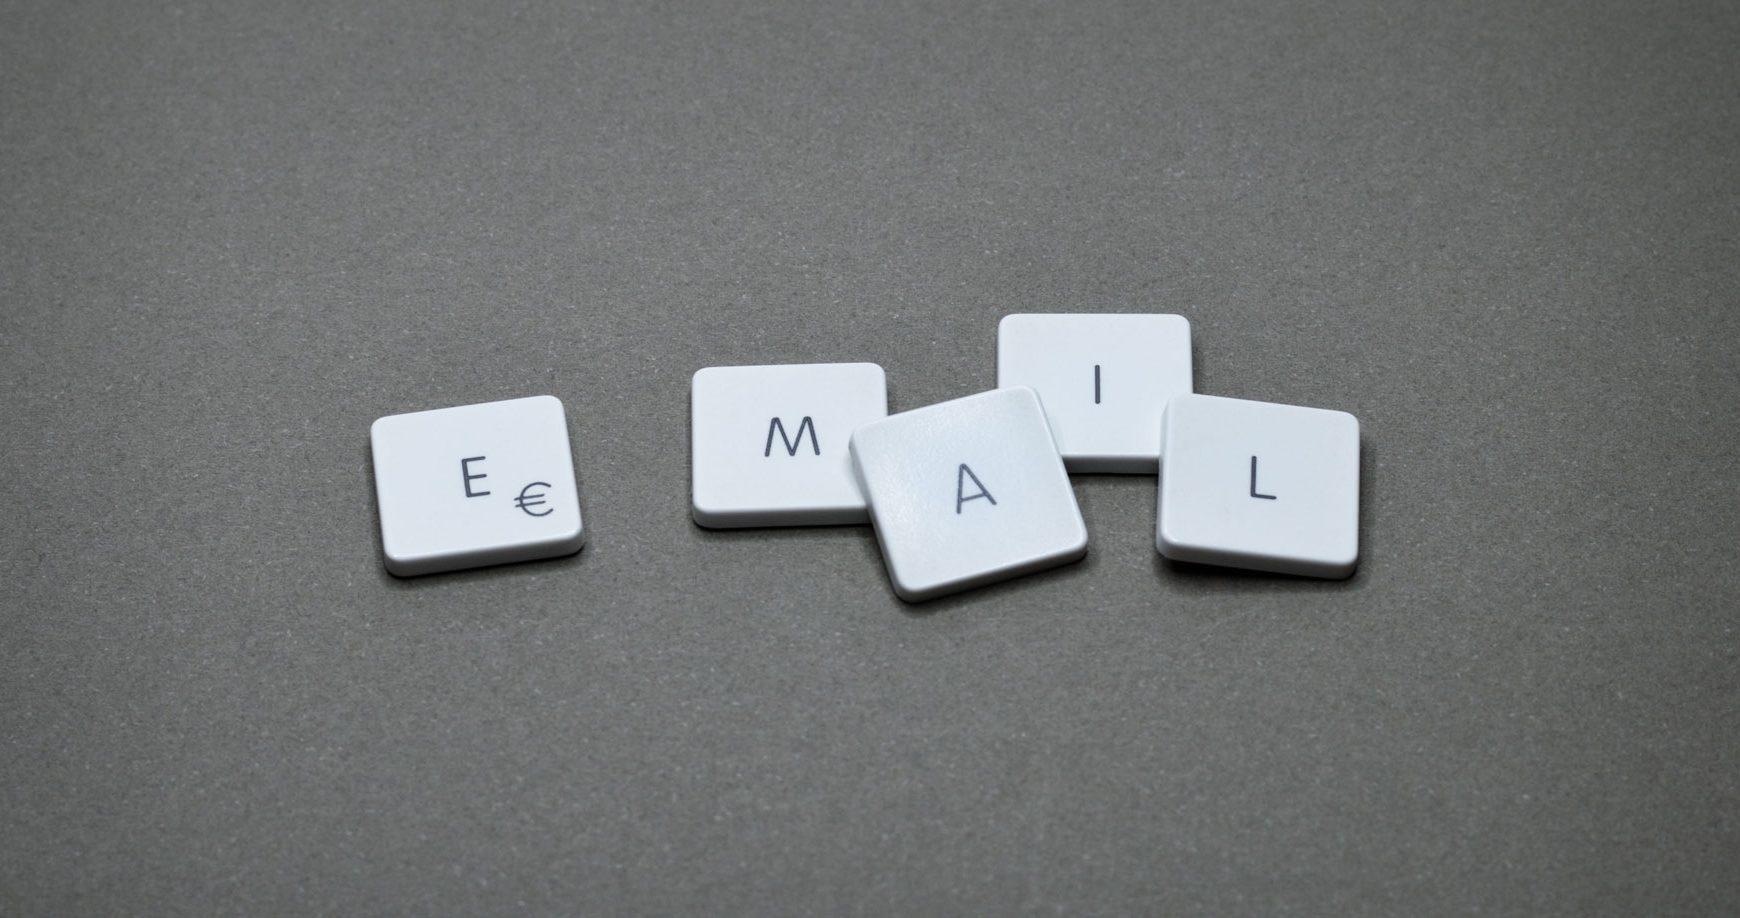 Ruskí hekeri získavajú kontrolu nad počítačmi pomocou e-mailov